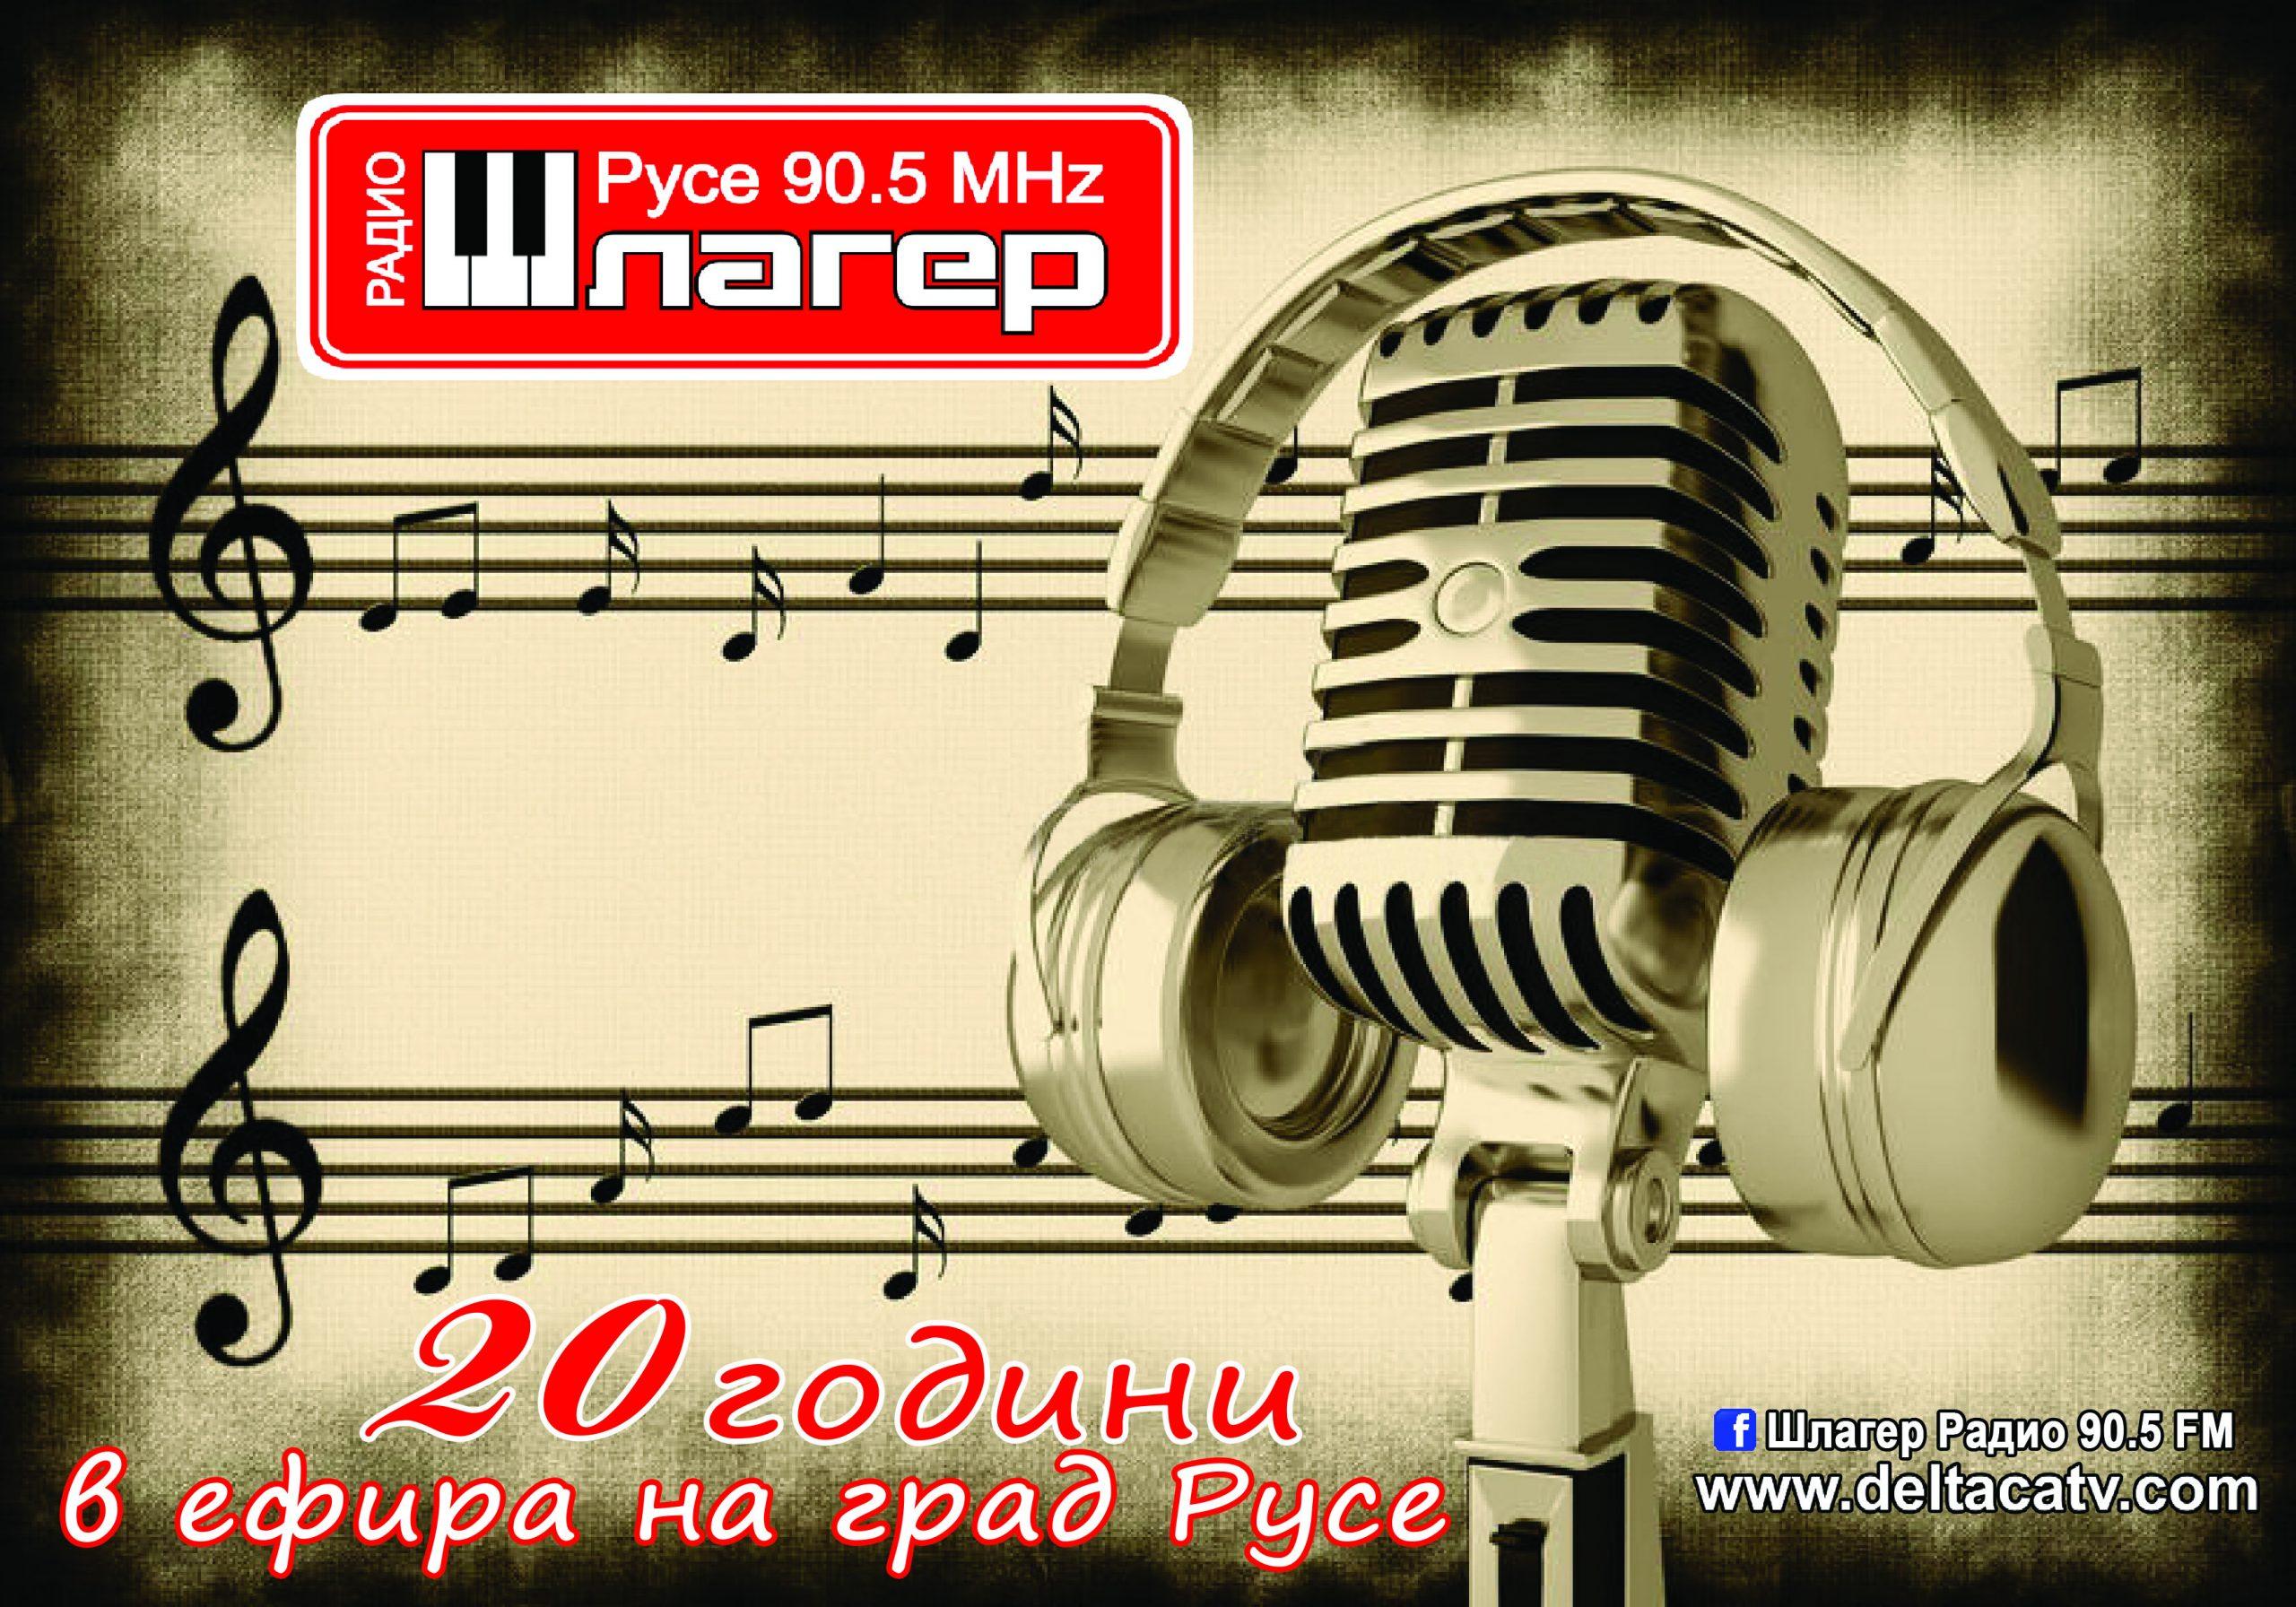 Шлагер Радио